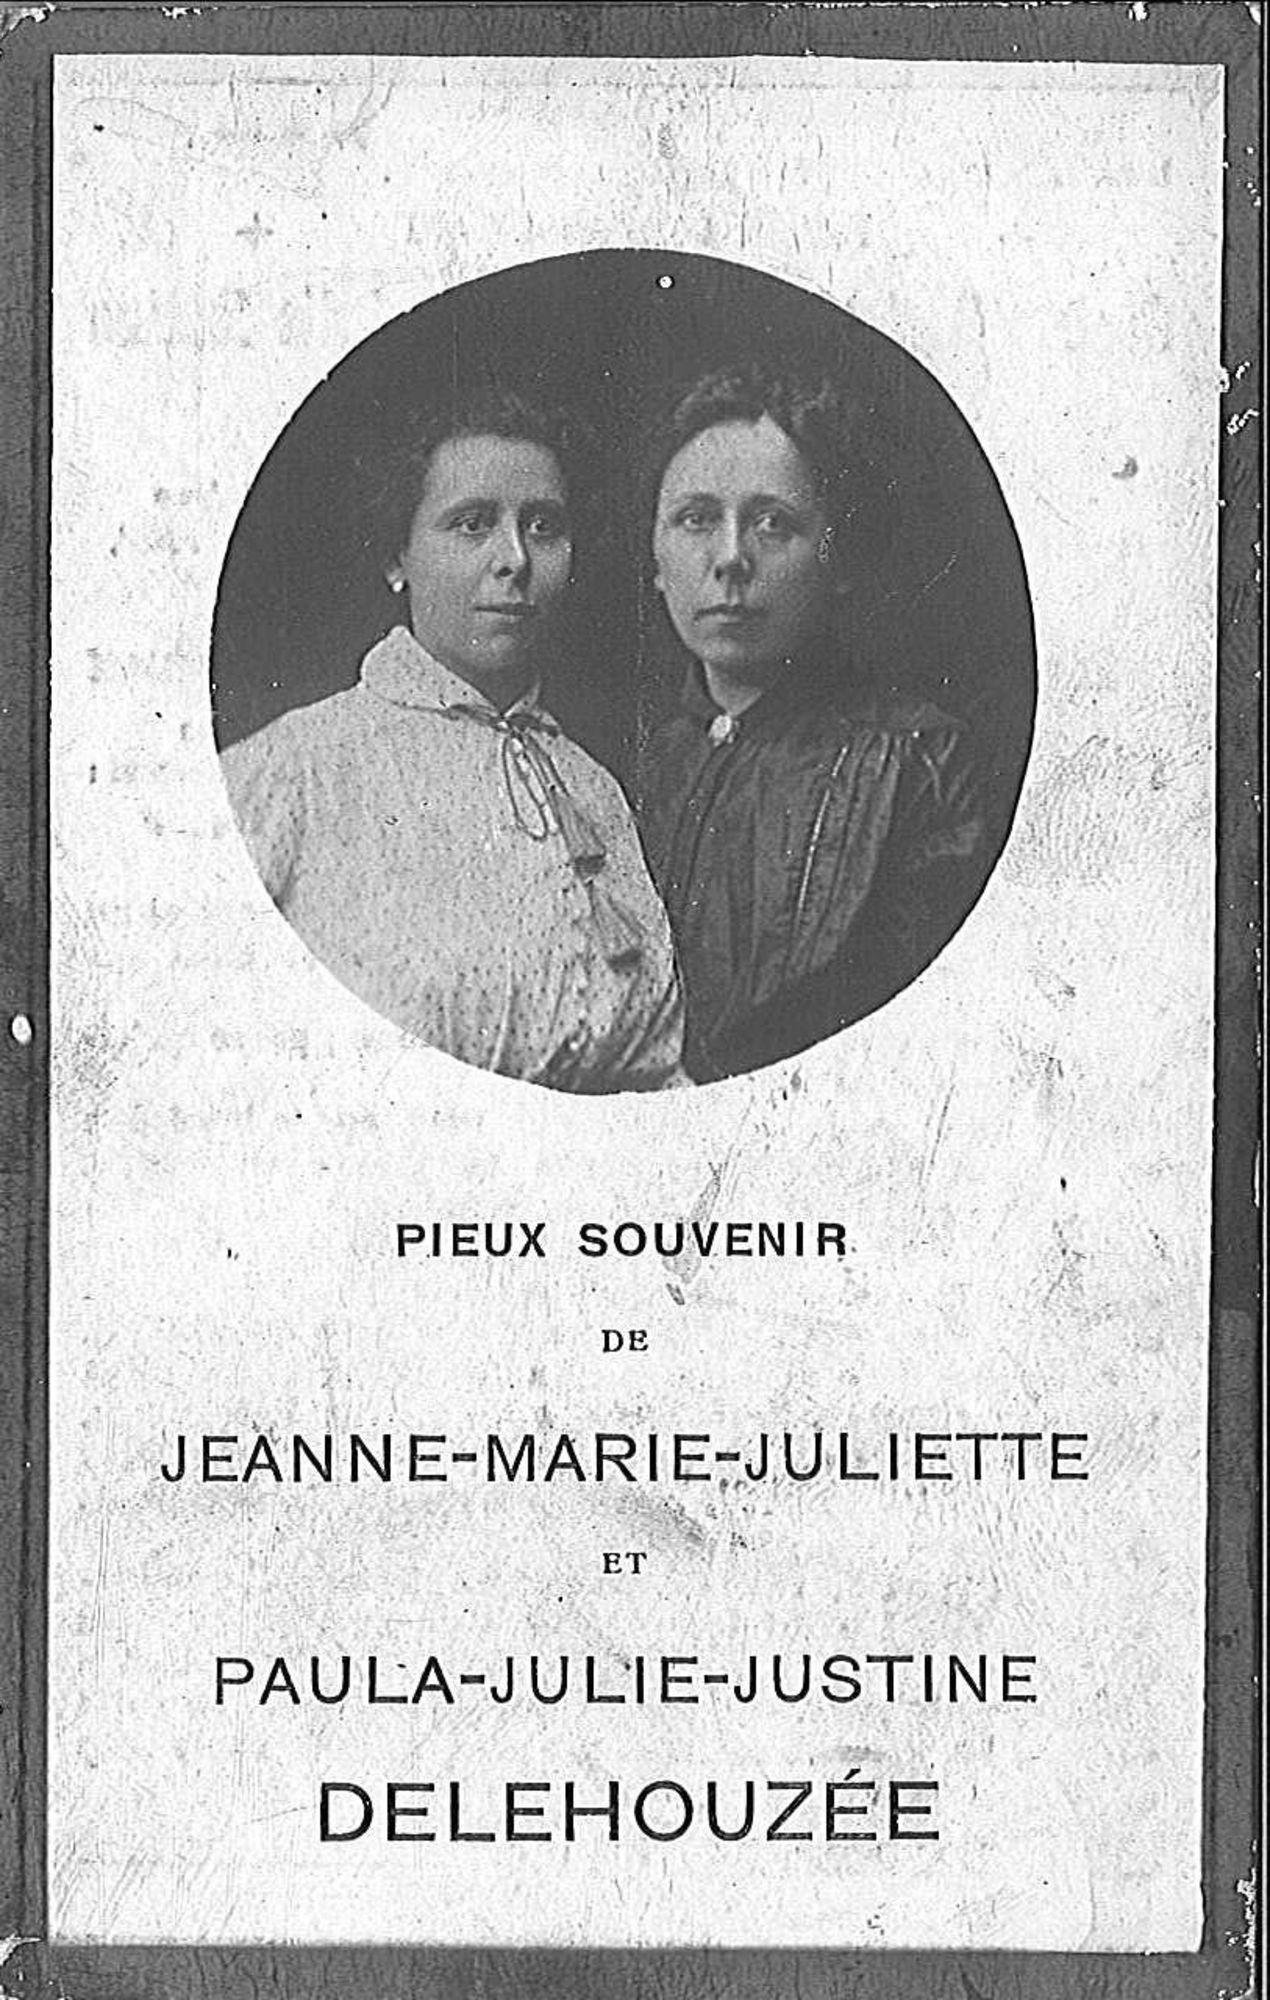 Delehouzée jeanne-Marie-Juliette en Paula-Julie-Justine